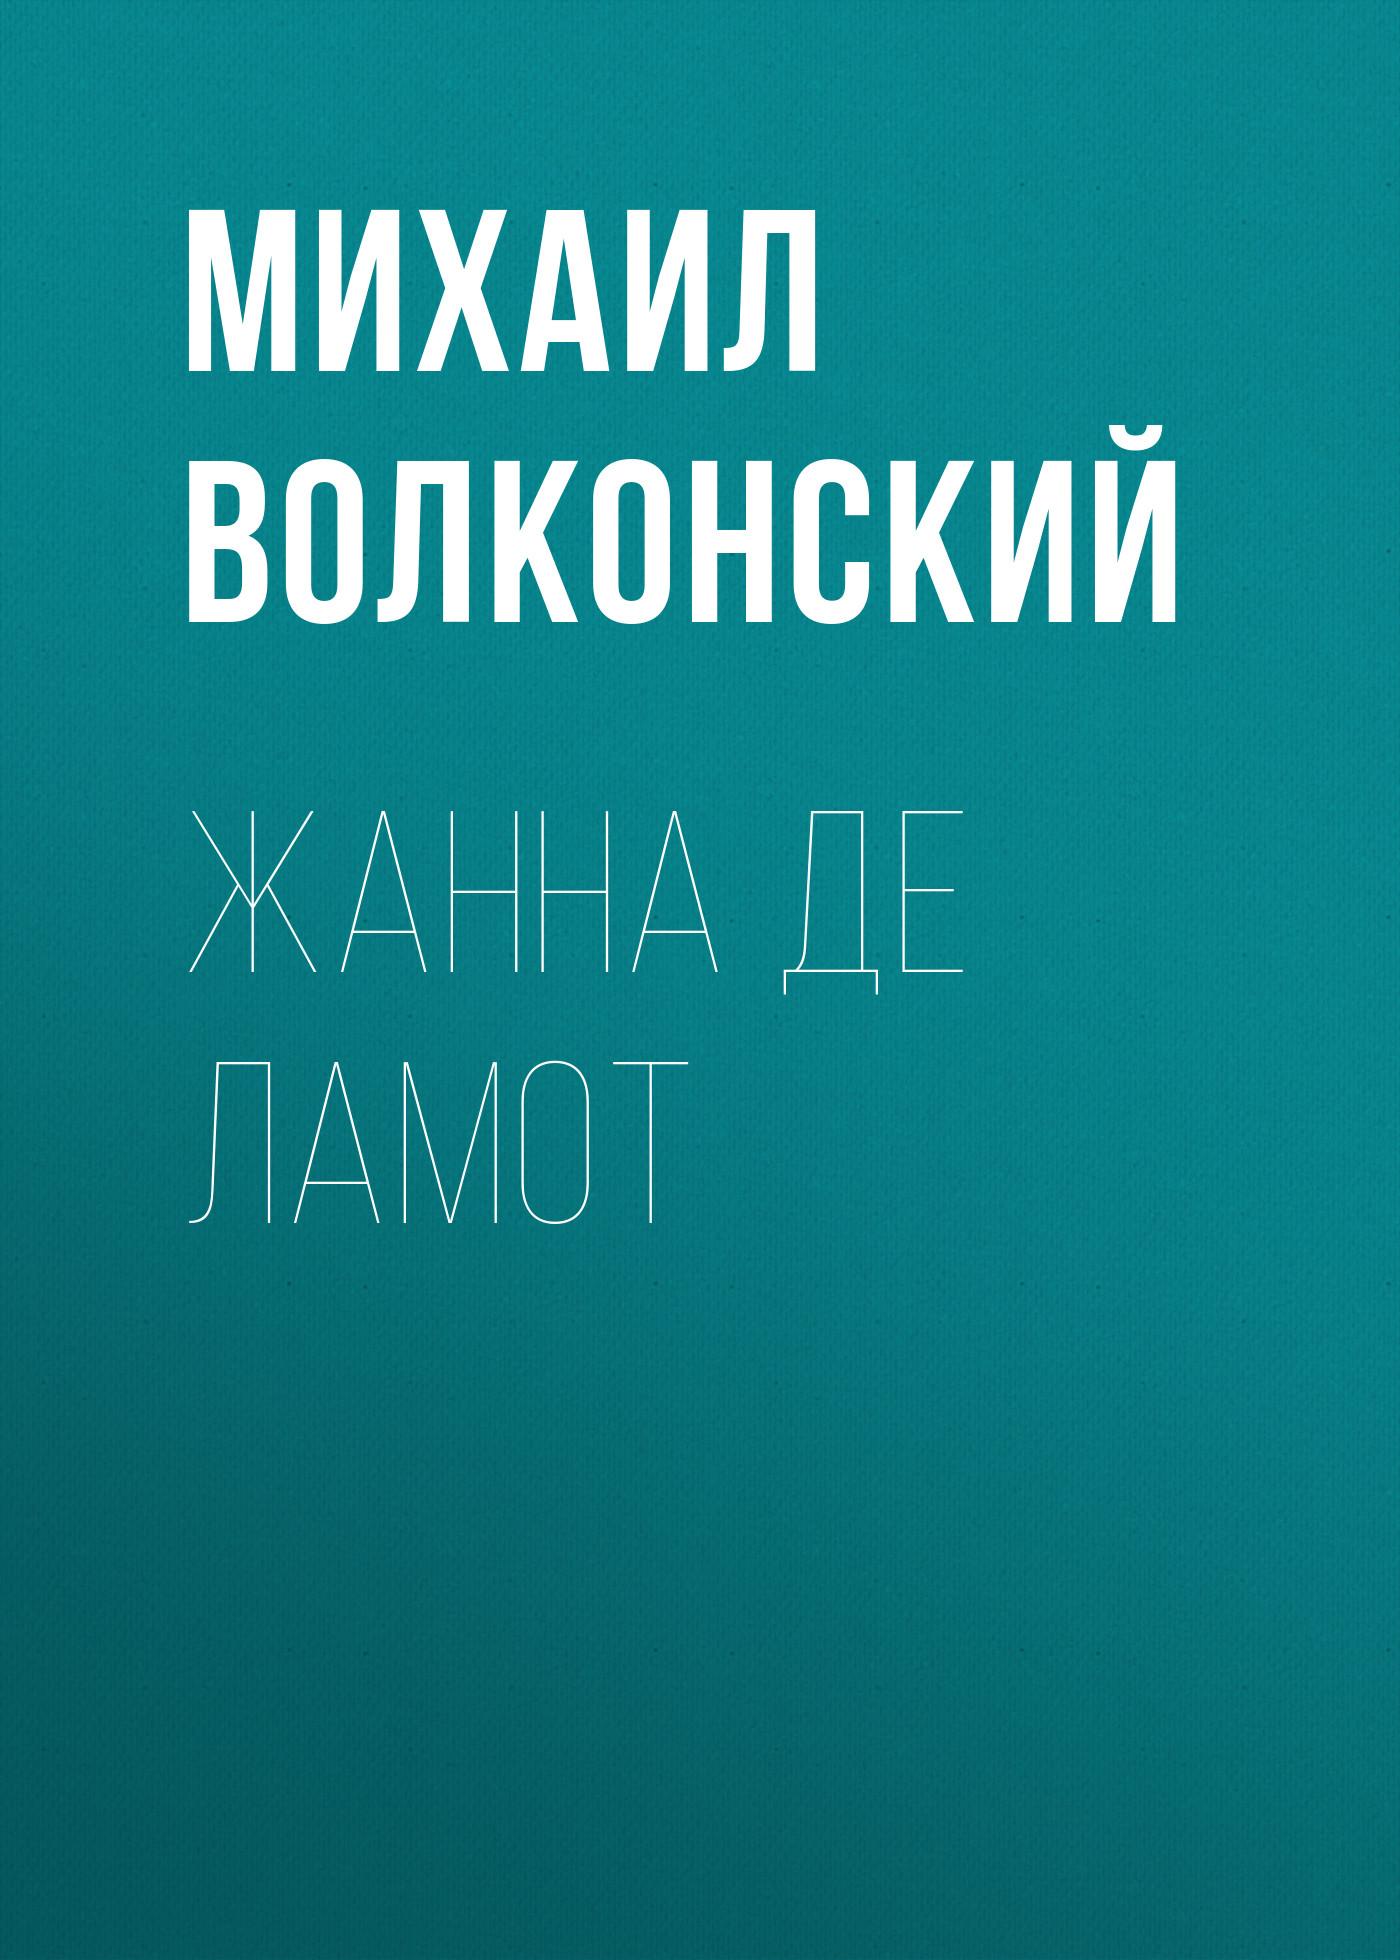 Купить книгу Жанна де Ламот, автора Михаила Волконского